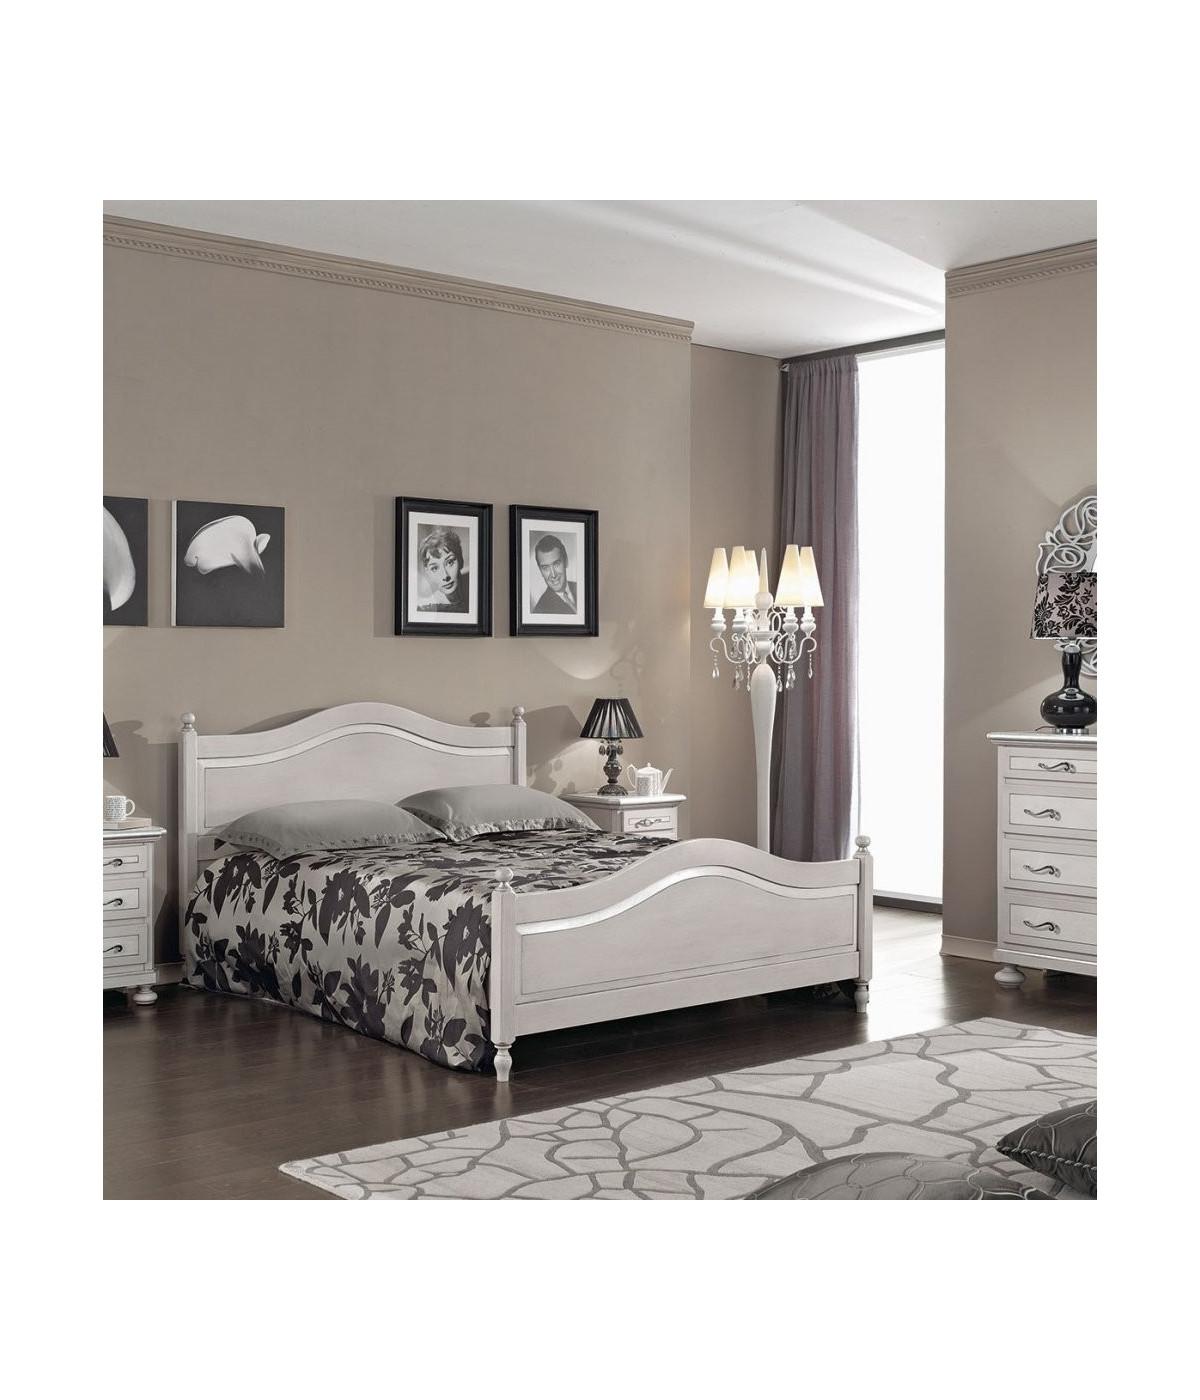 Camera da letto con pareti color grigio tortora esempio di camera da letto con pareti color tortora. Mobili 2g Letto Matrimoniale Shabby Tortora Grigio In Legno